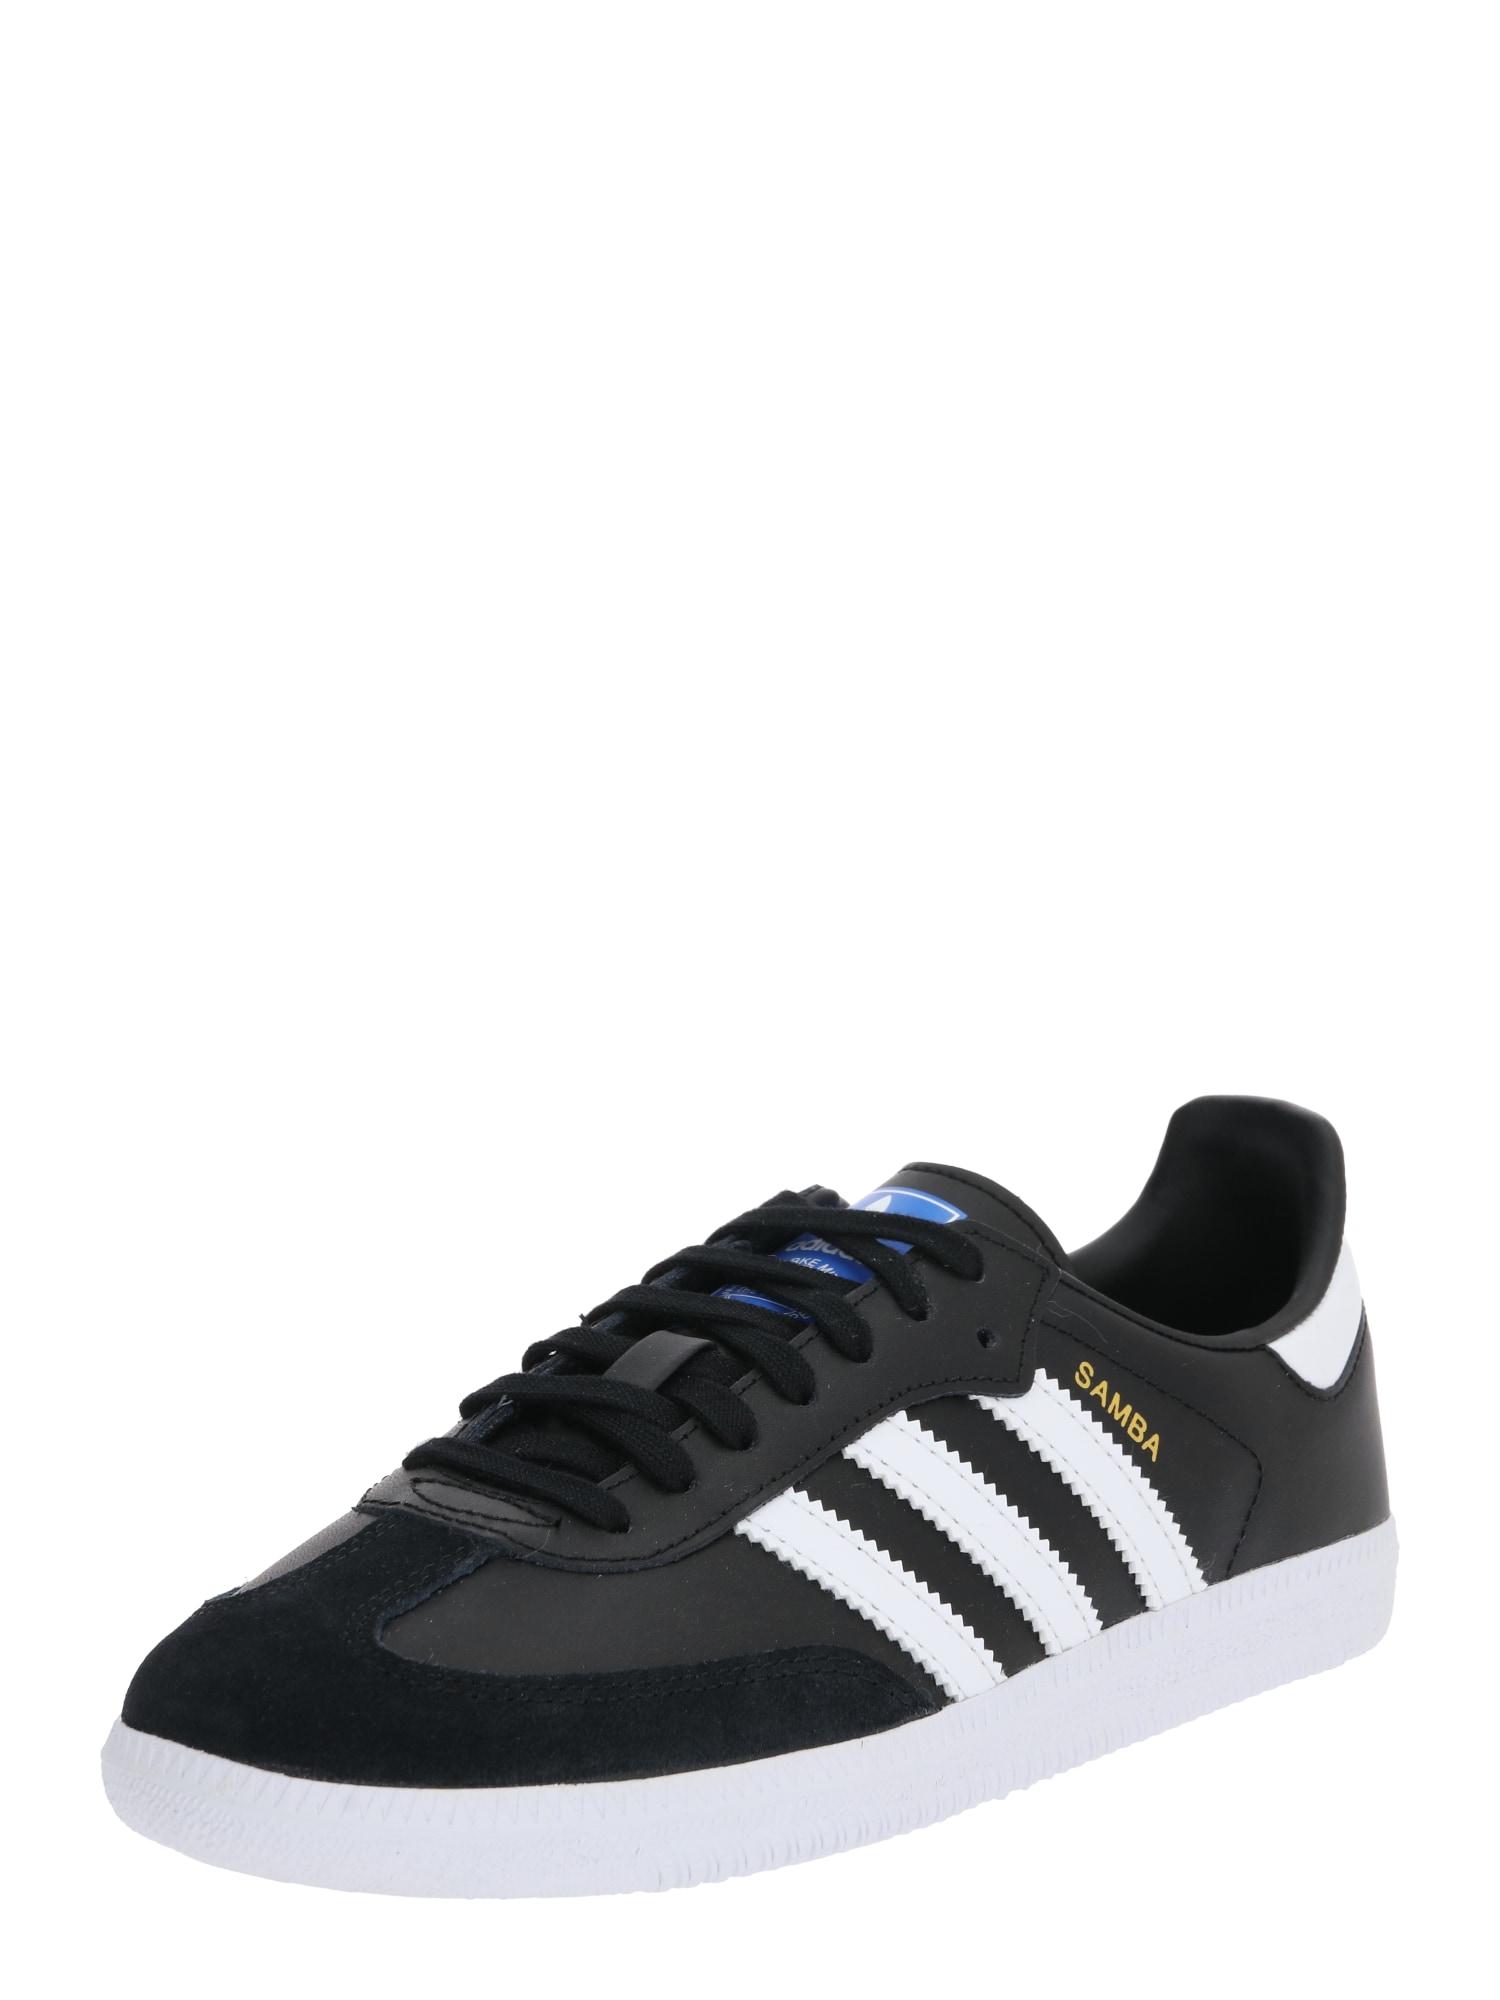 ADIDAS ORIGINALS Sportiniai batai 'SAMBA' juoda